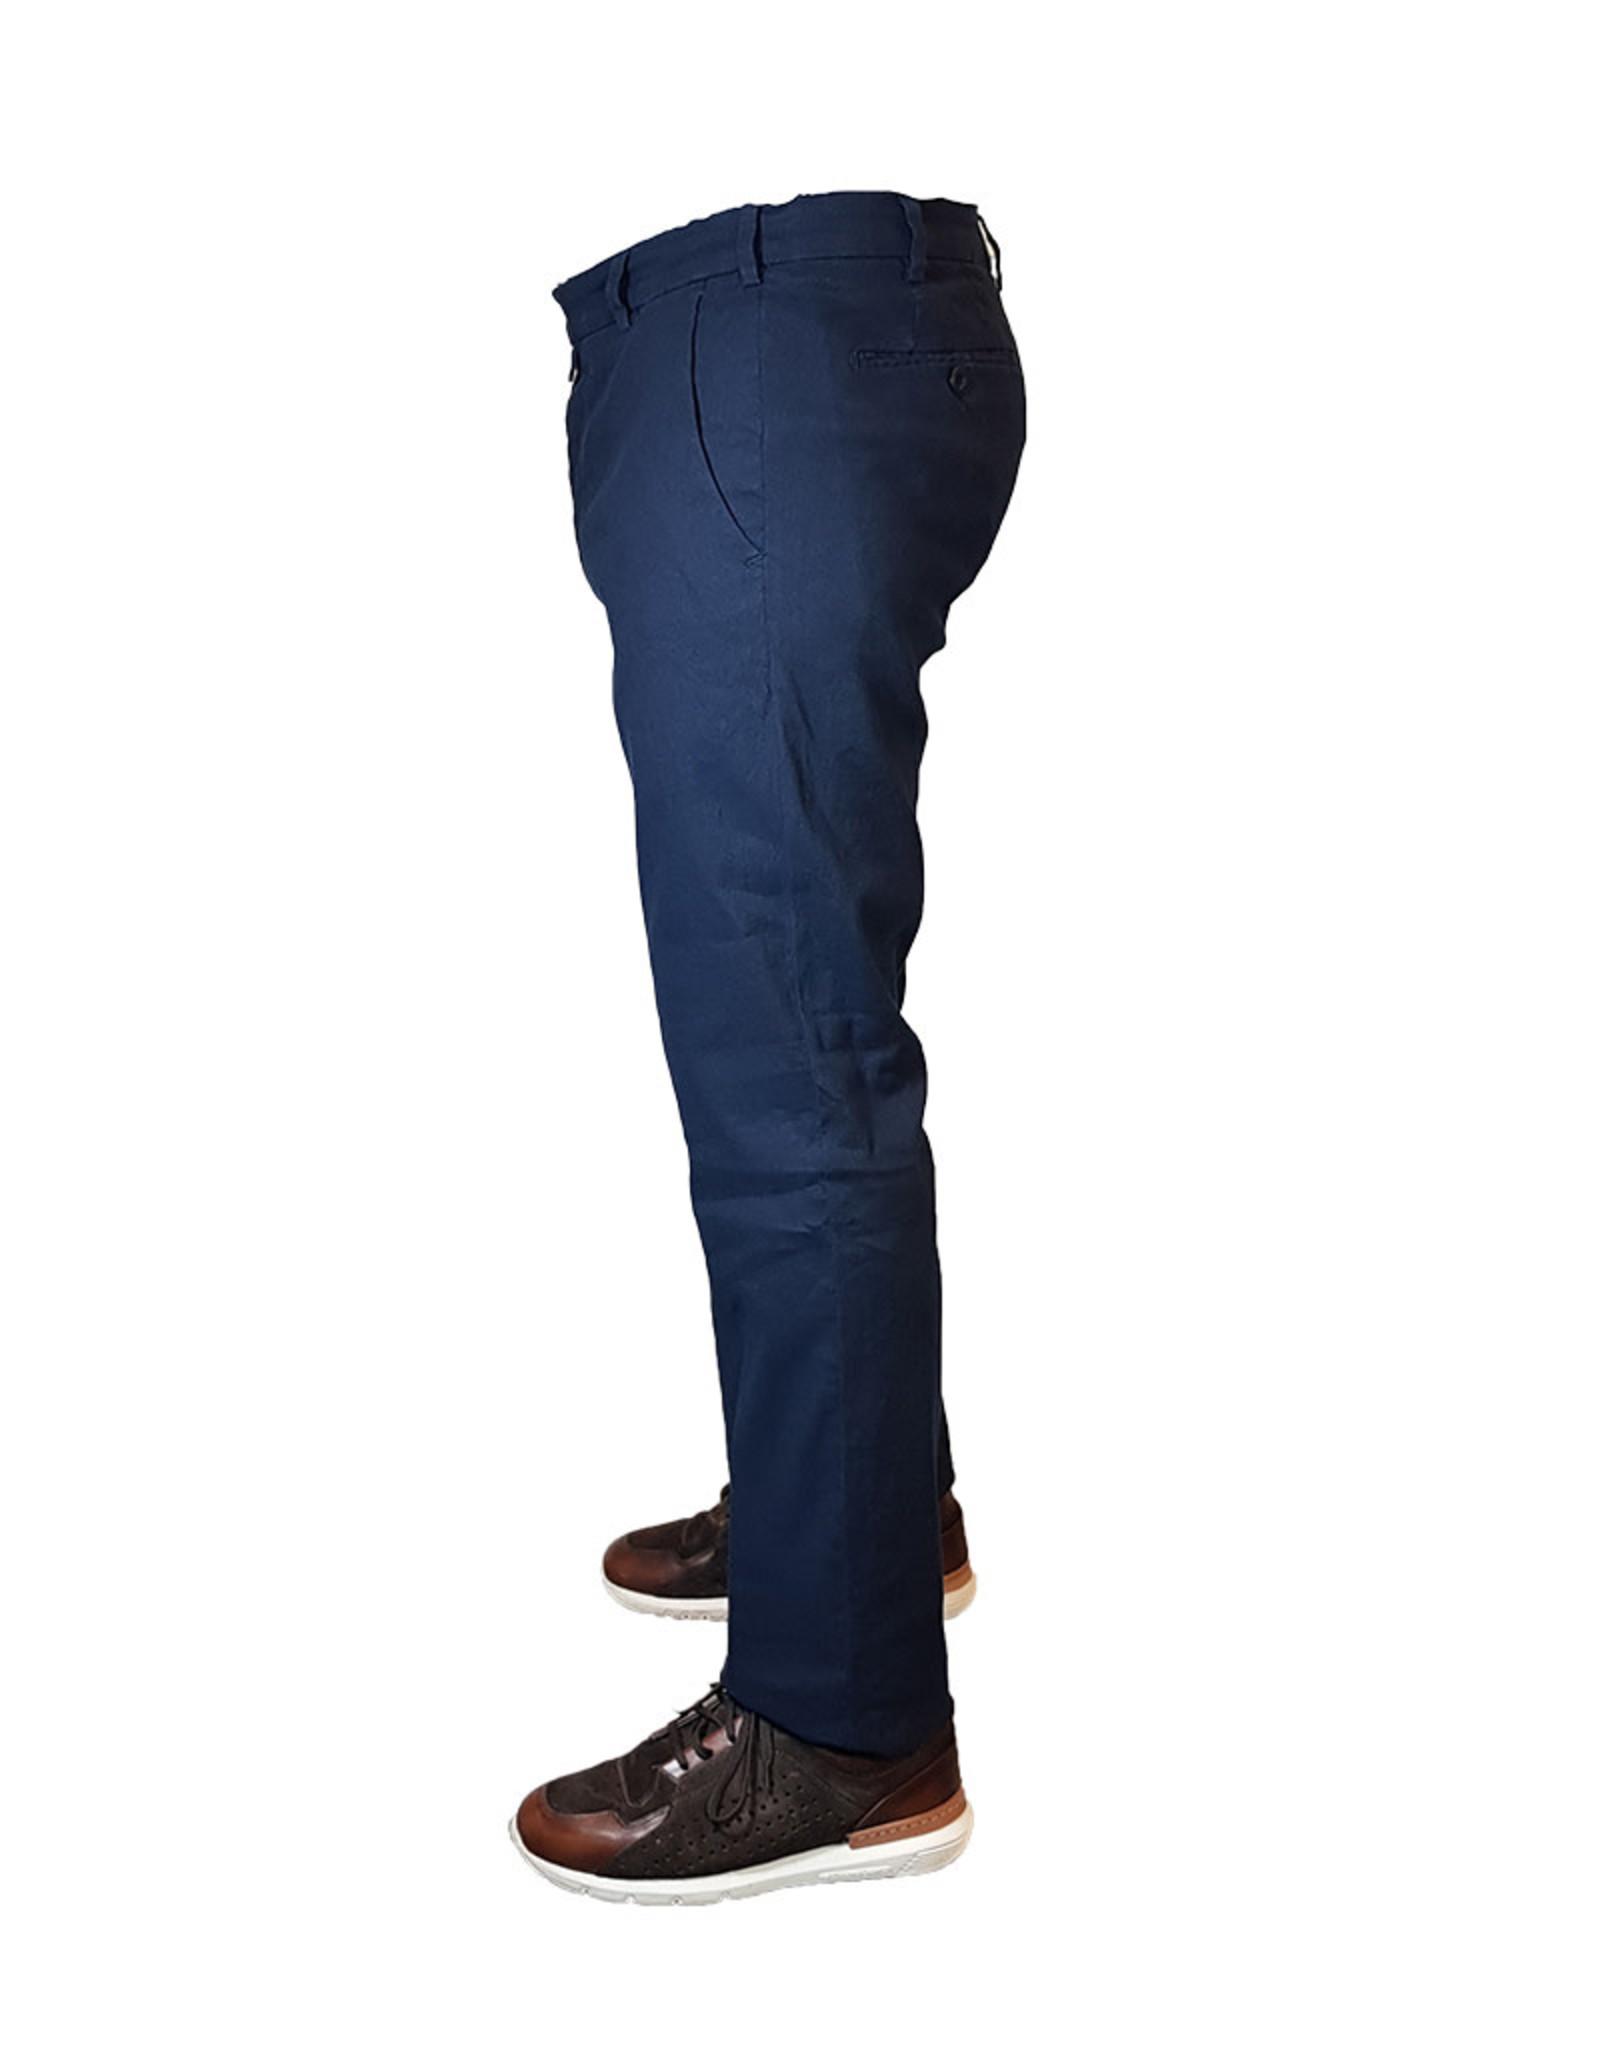 Meyer Exclusive Meyer Exclusive broek linnen blauw Bonn 8064/18